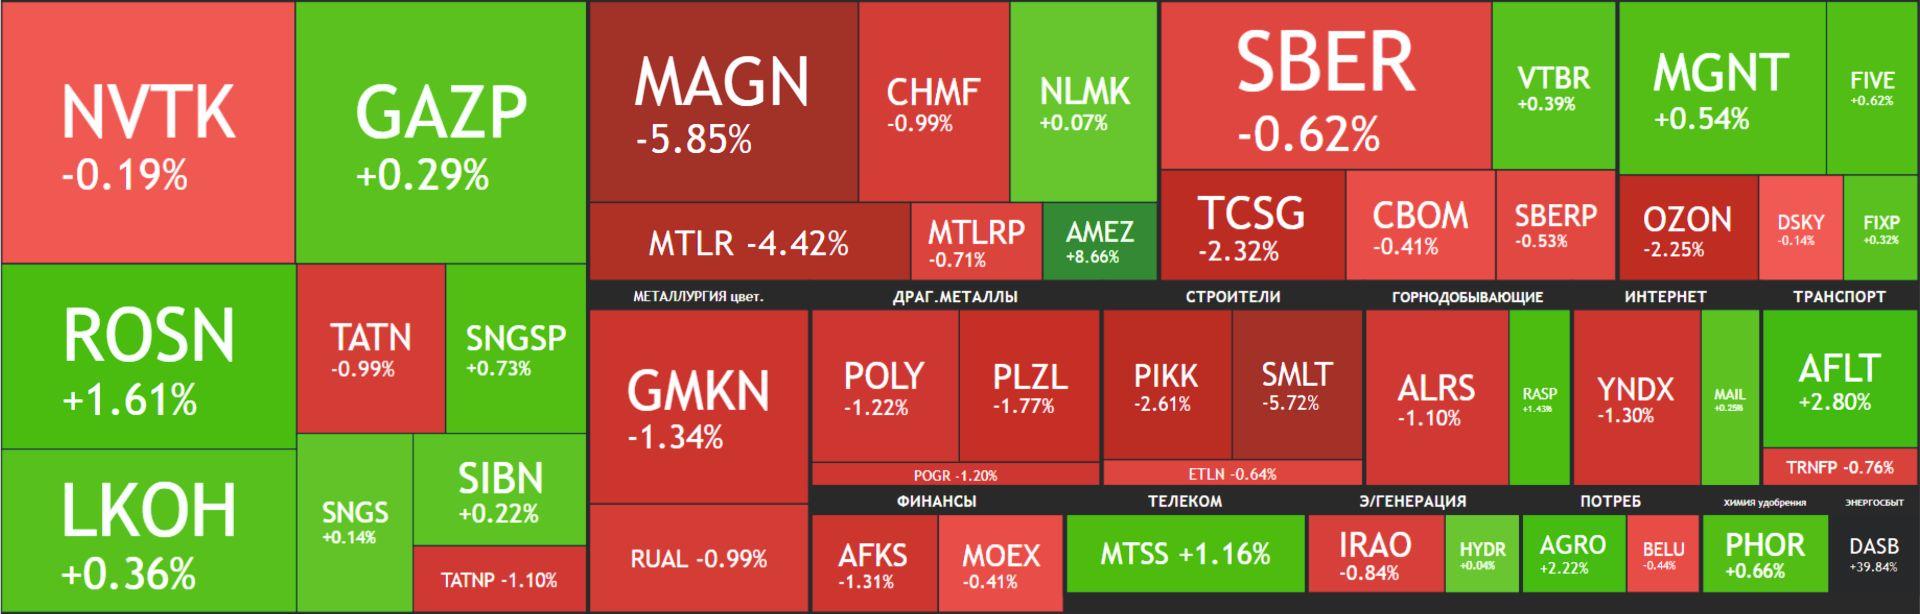 Карта рынка акций Московской биржи Российские акции 24 сентября 2021, года, пятница